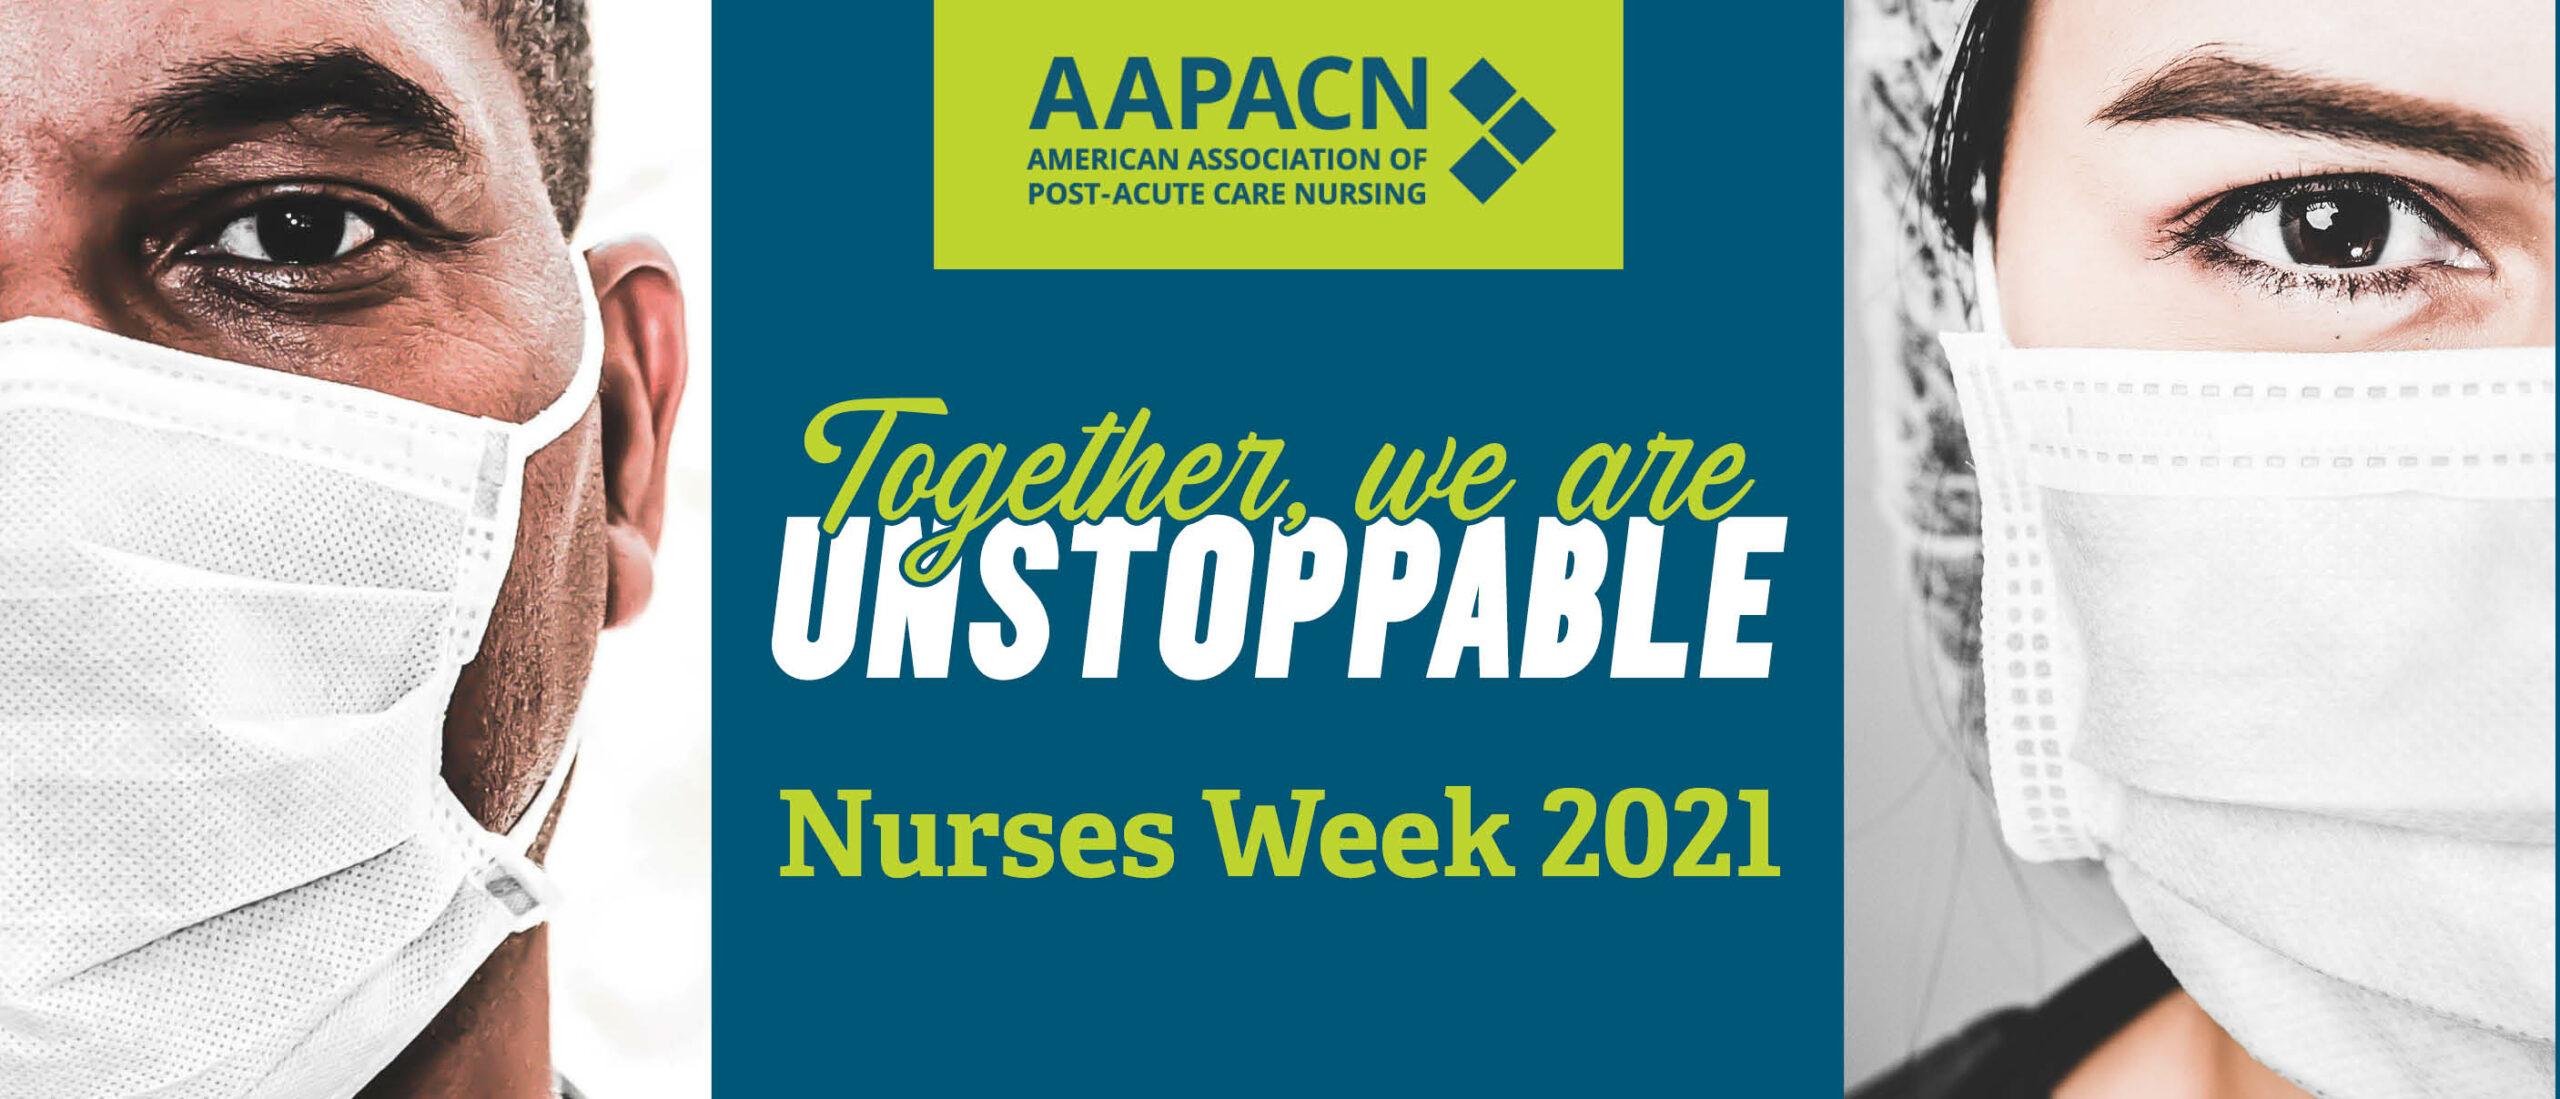 Image of two nurses in masks being honored during Nurses Week 2021